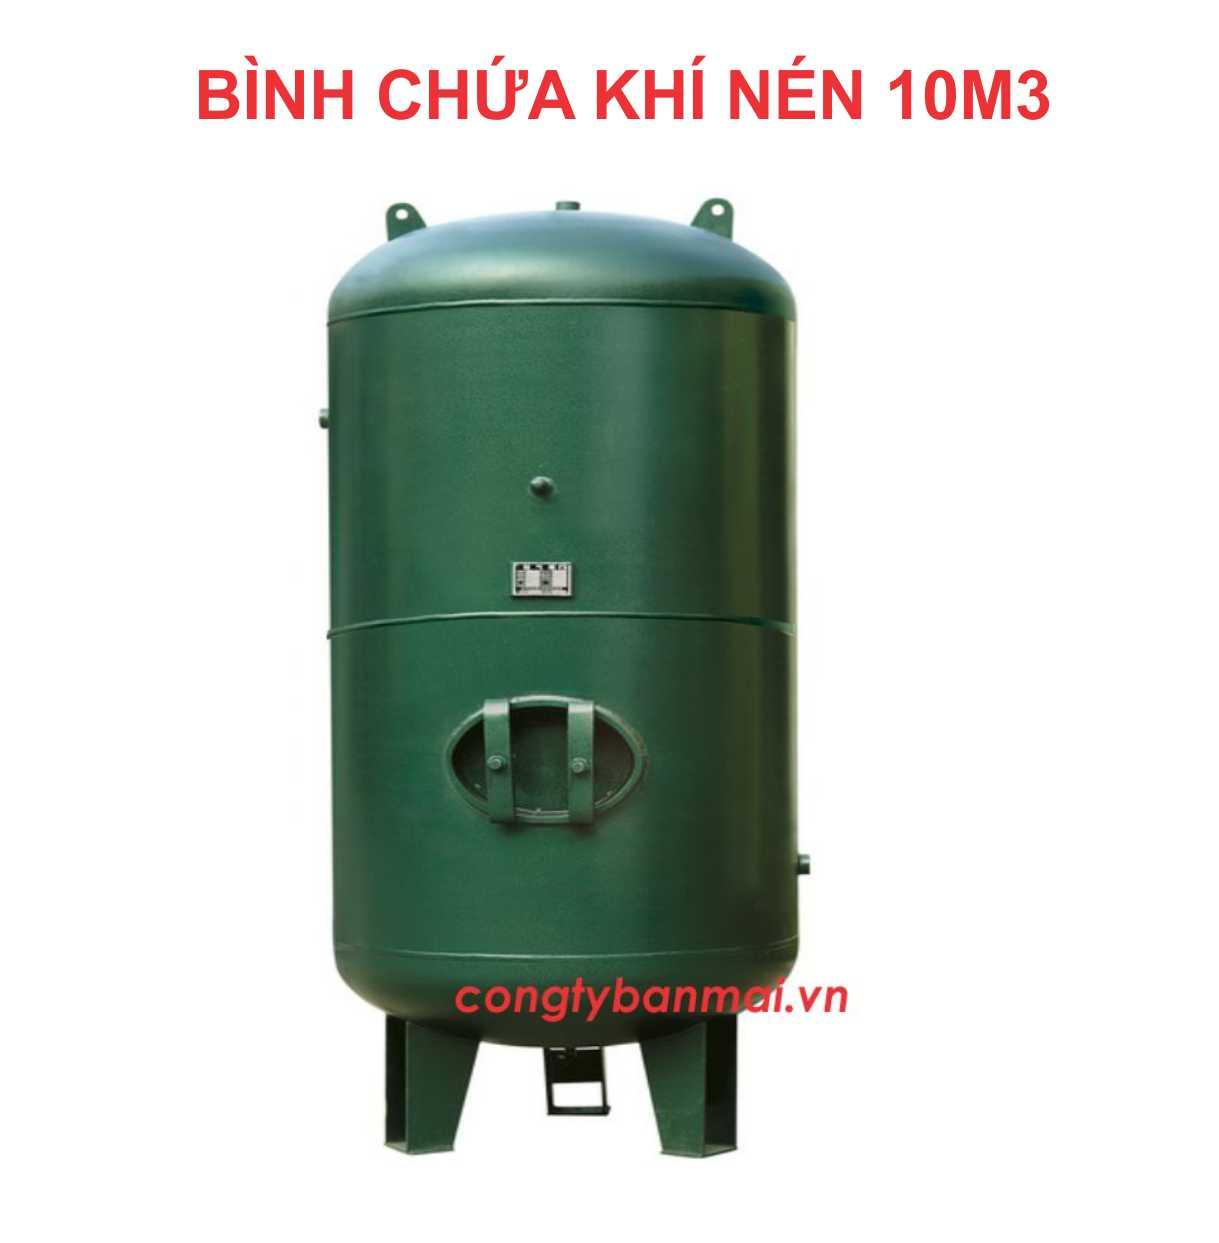 Bình chứa khí nén 10m3, bình nén khí 10,000 lít